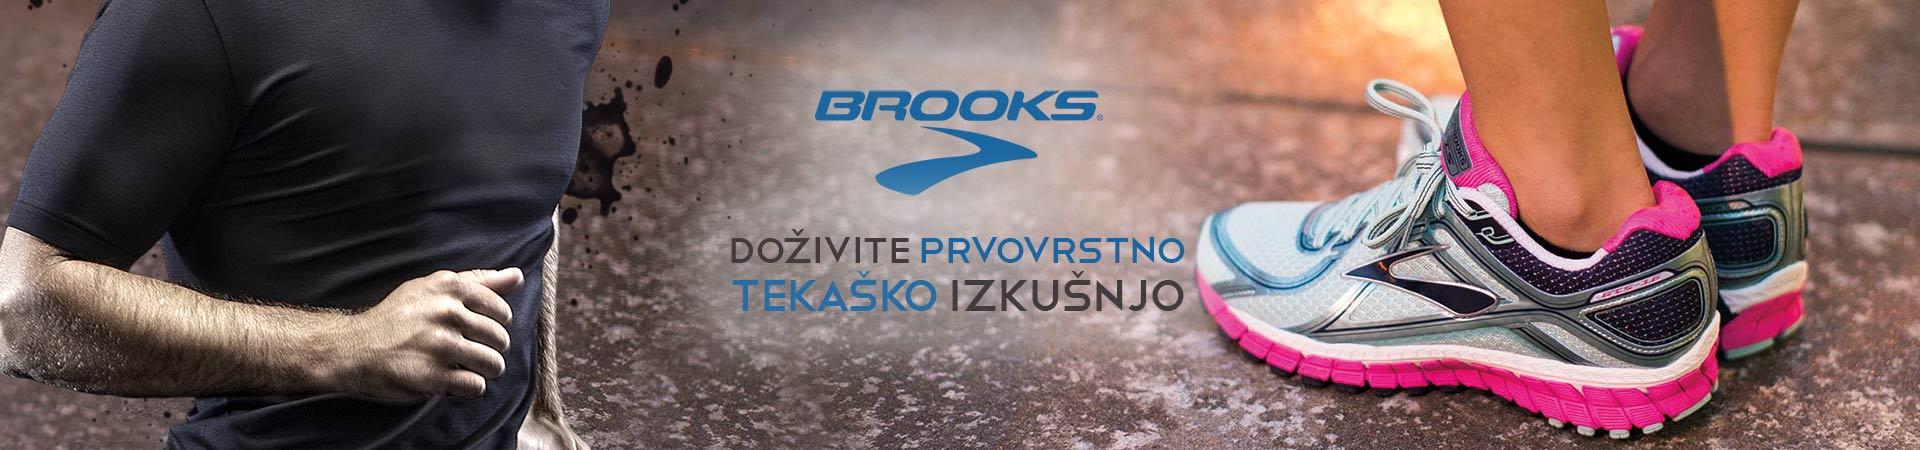 brooks-pasica4